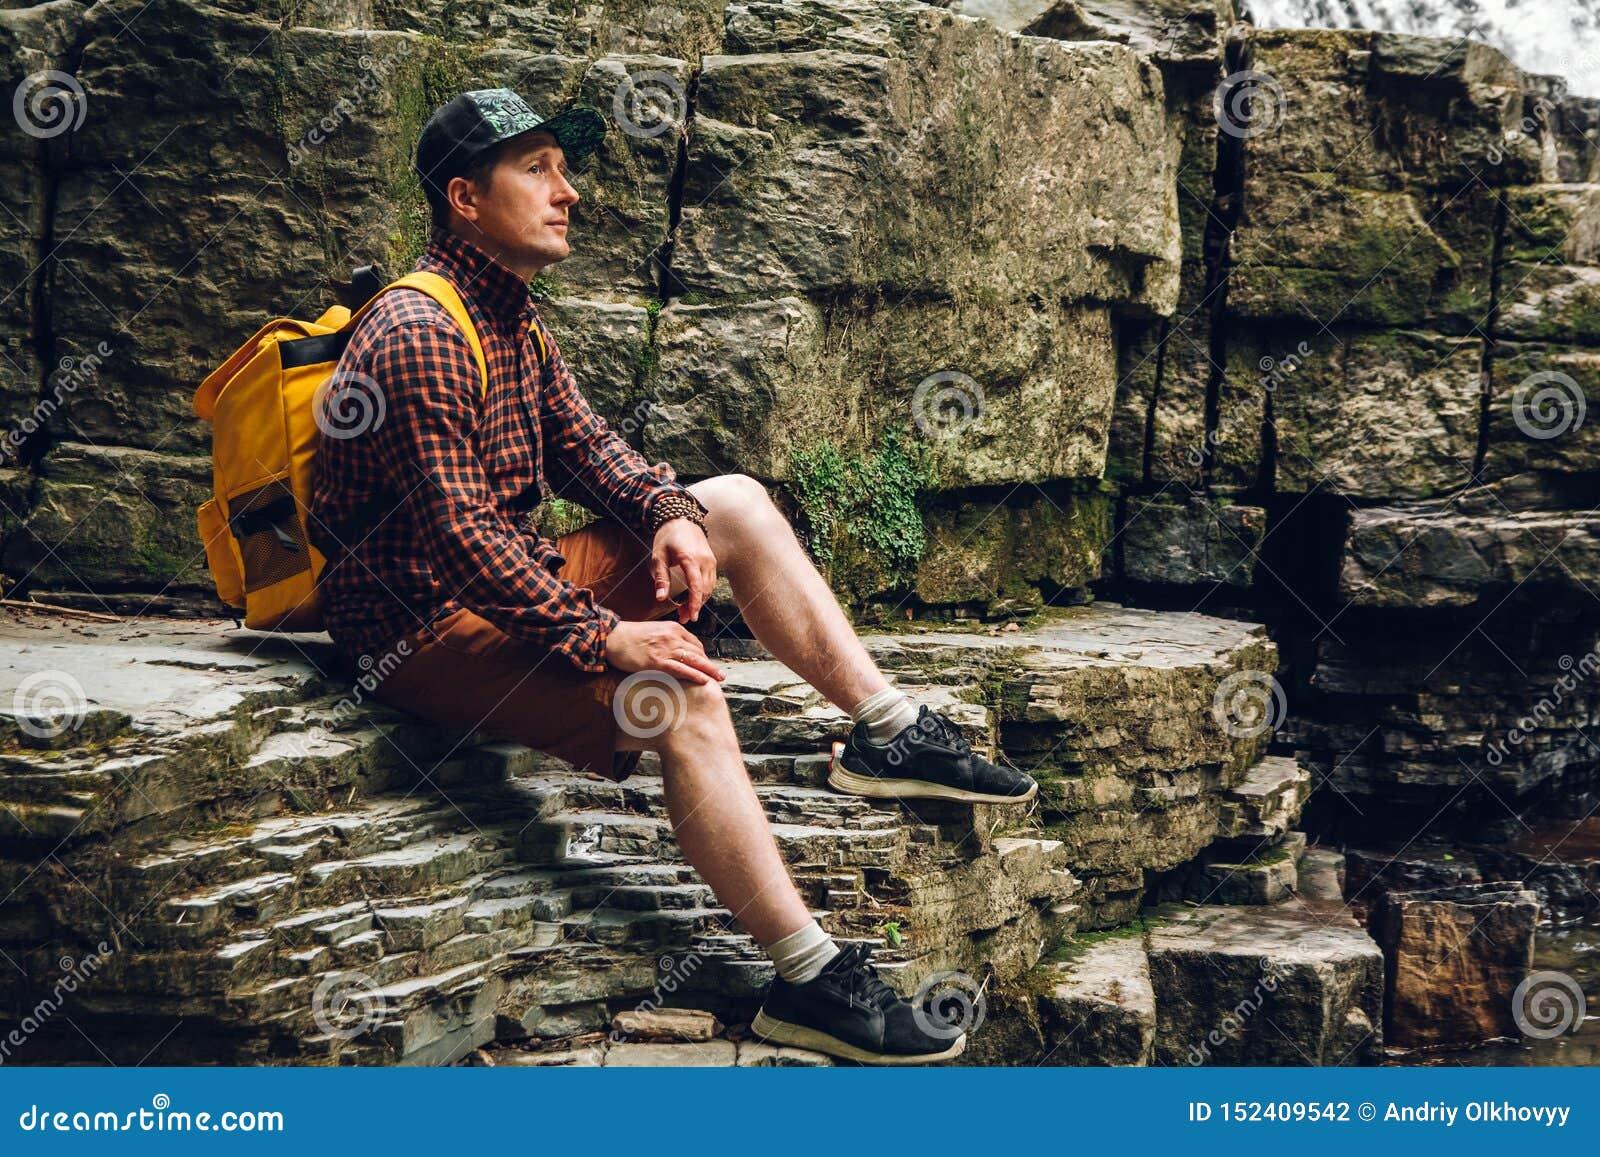 El hombre del viajero con una mochila se sienta en un acantilado contra una cascada Espacio para su mensaje de texto o contenido